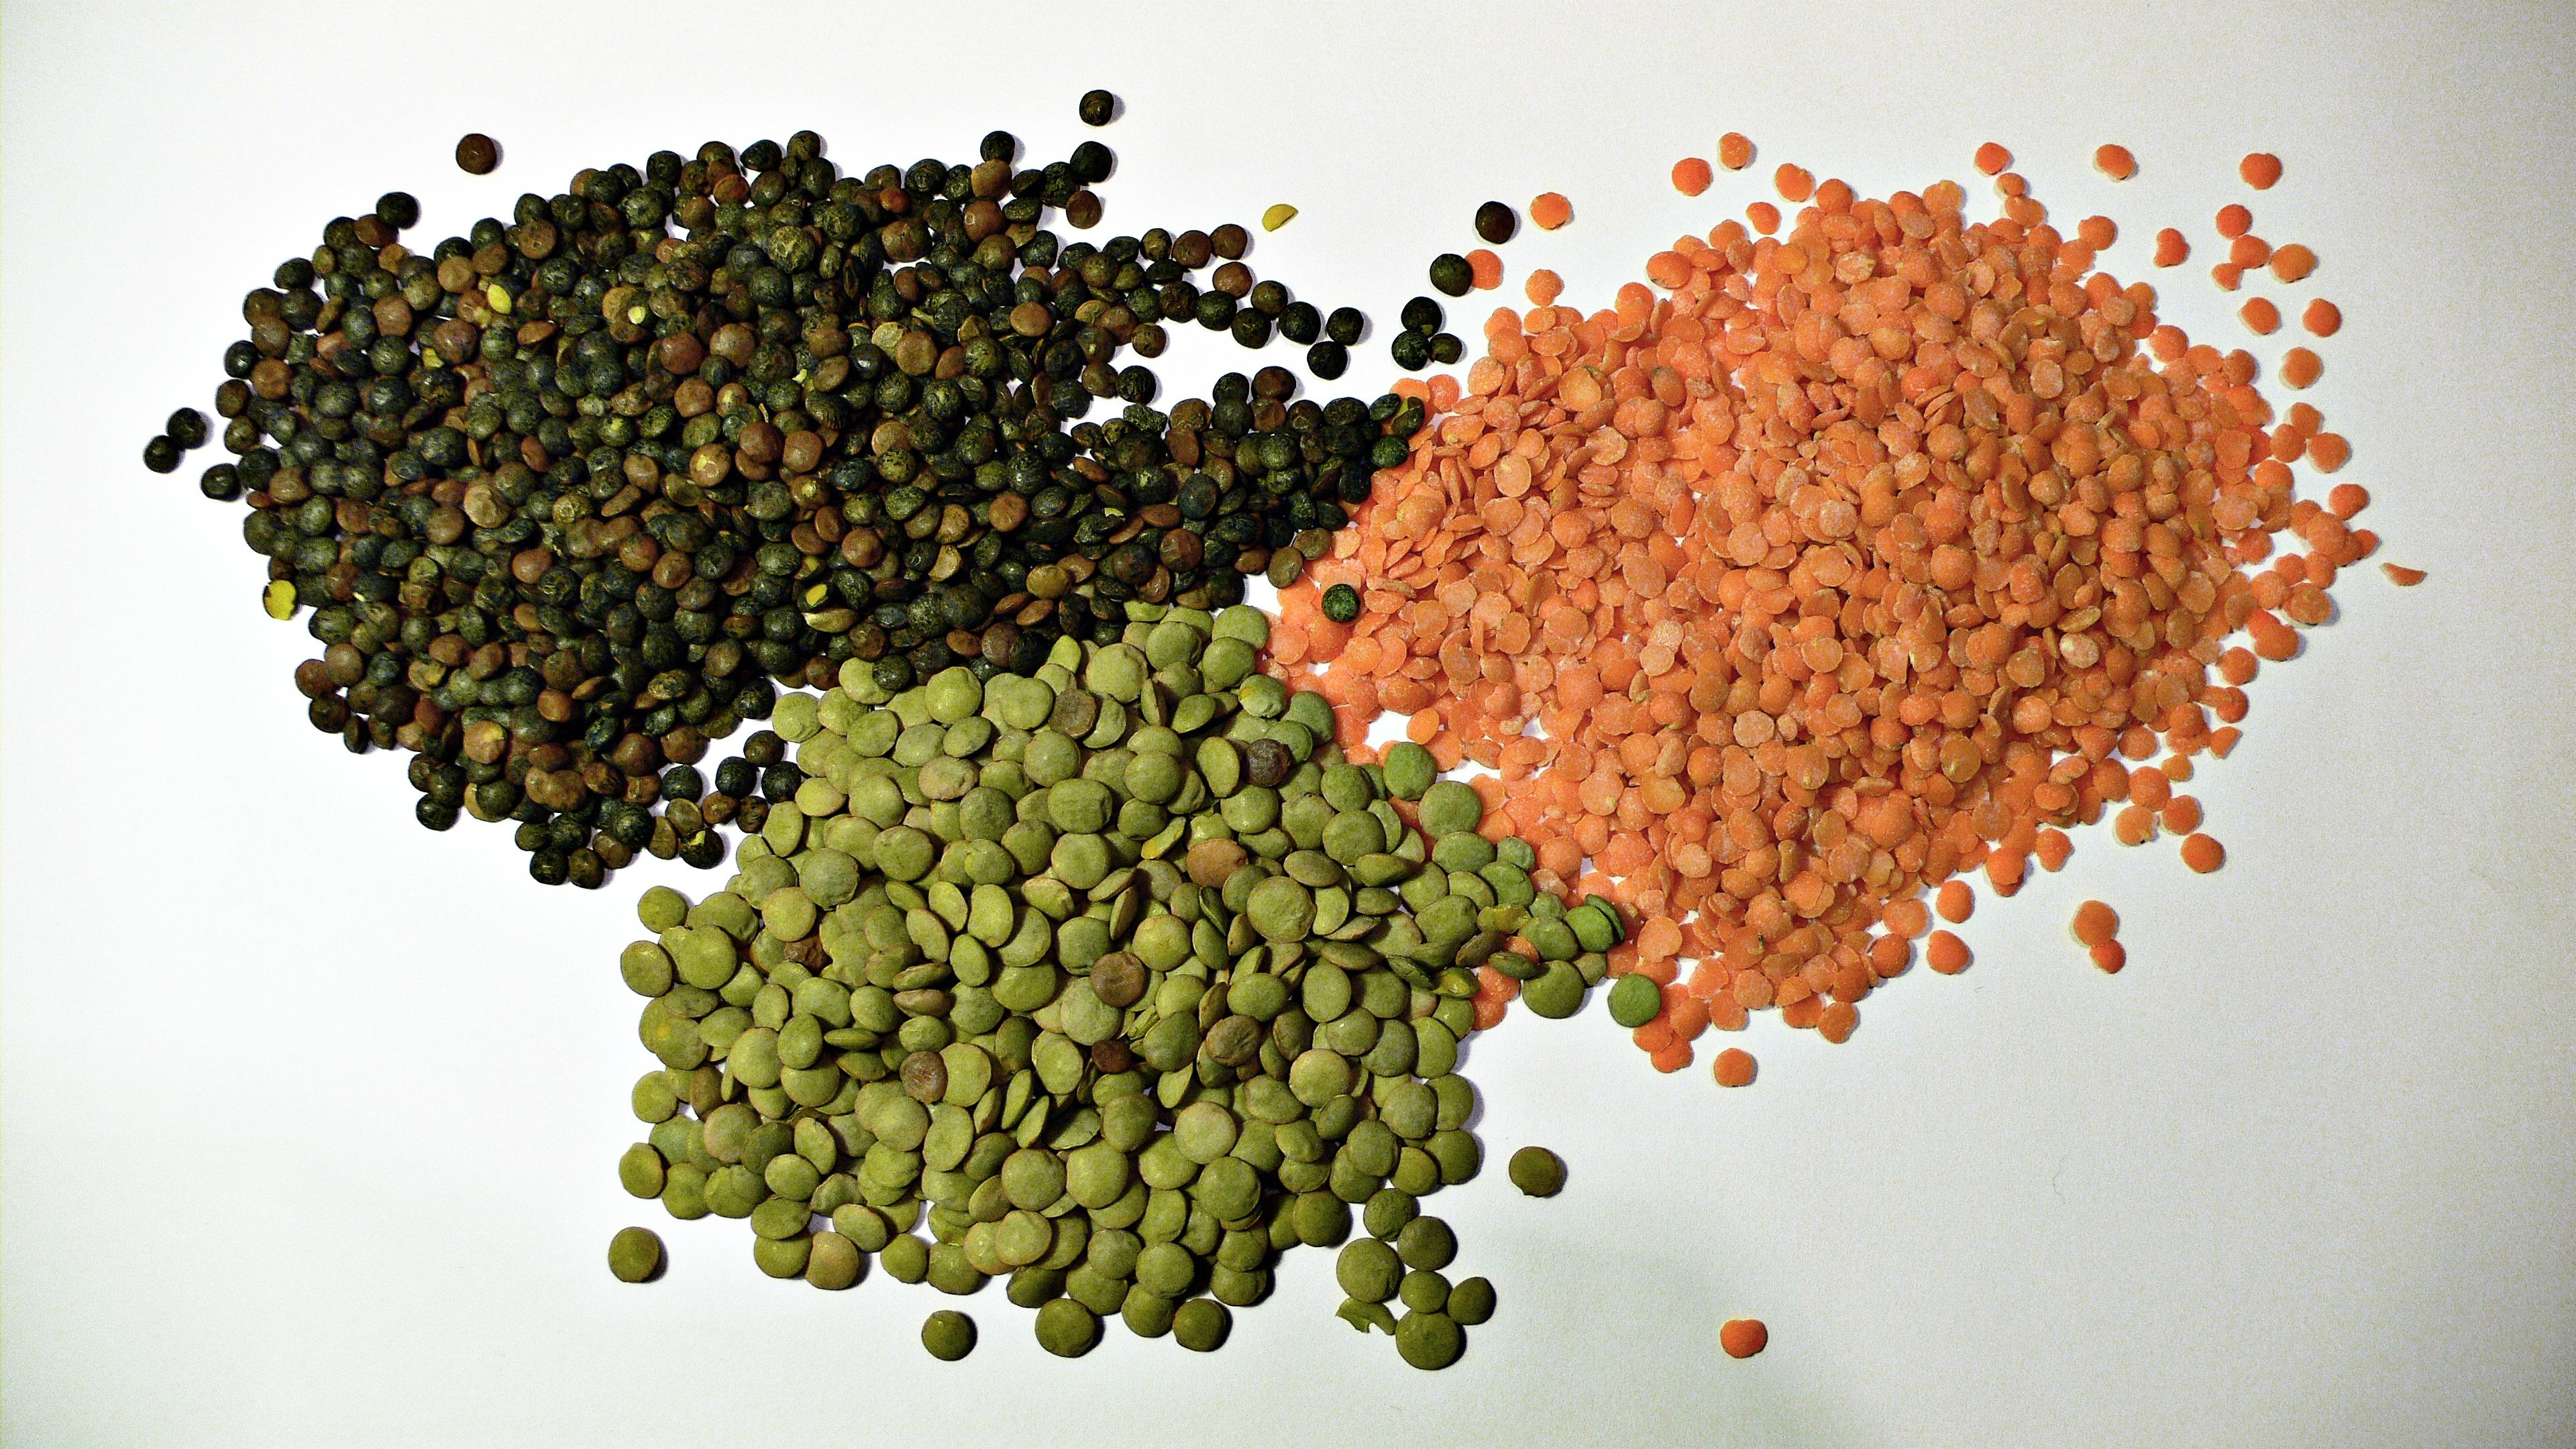 lentils_healthy-foods